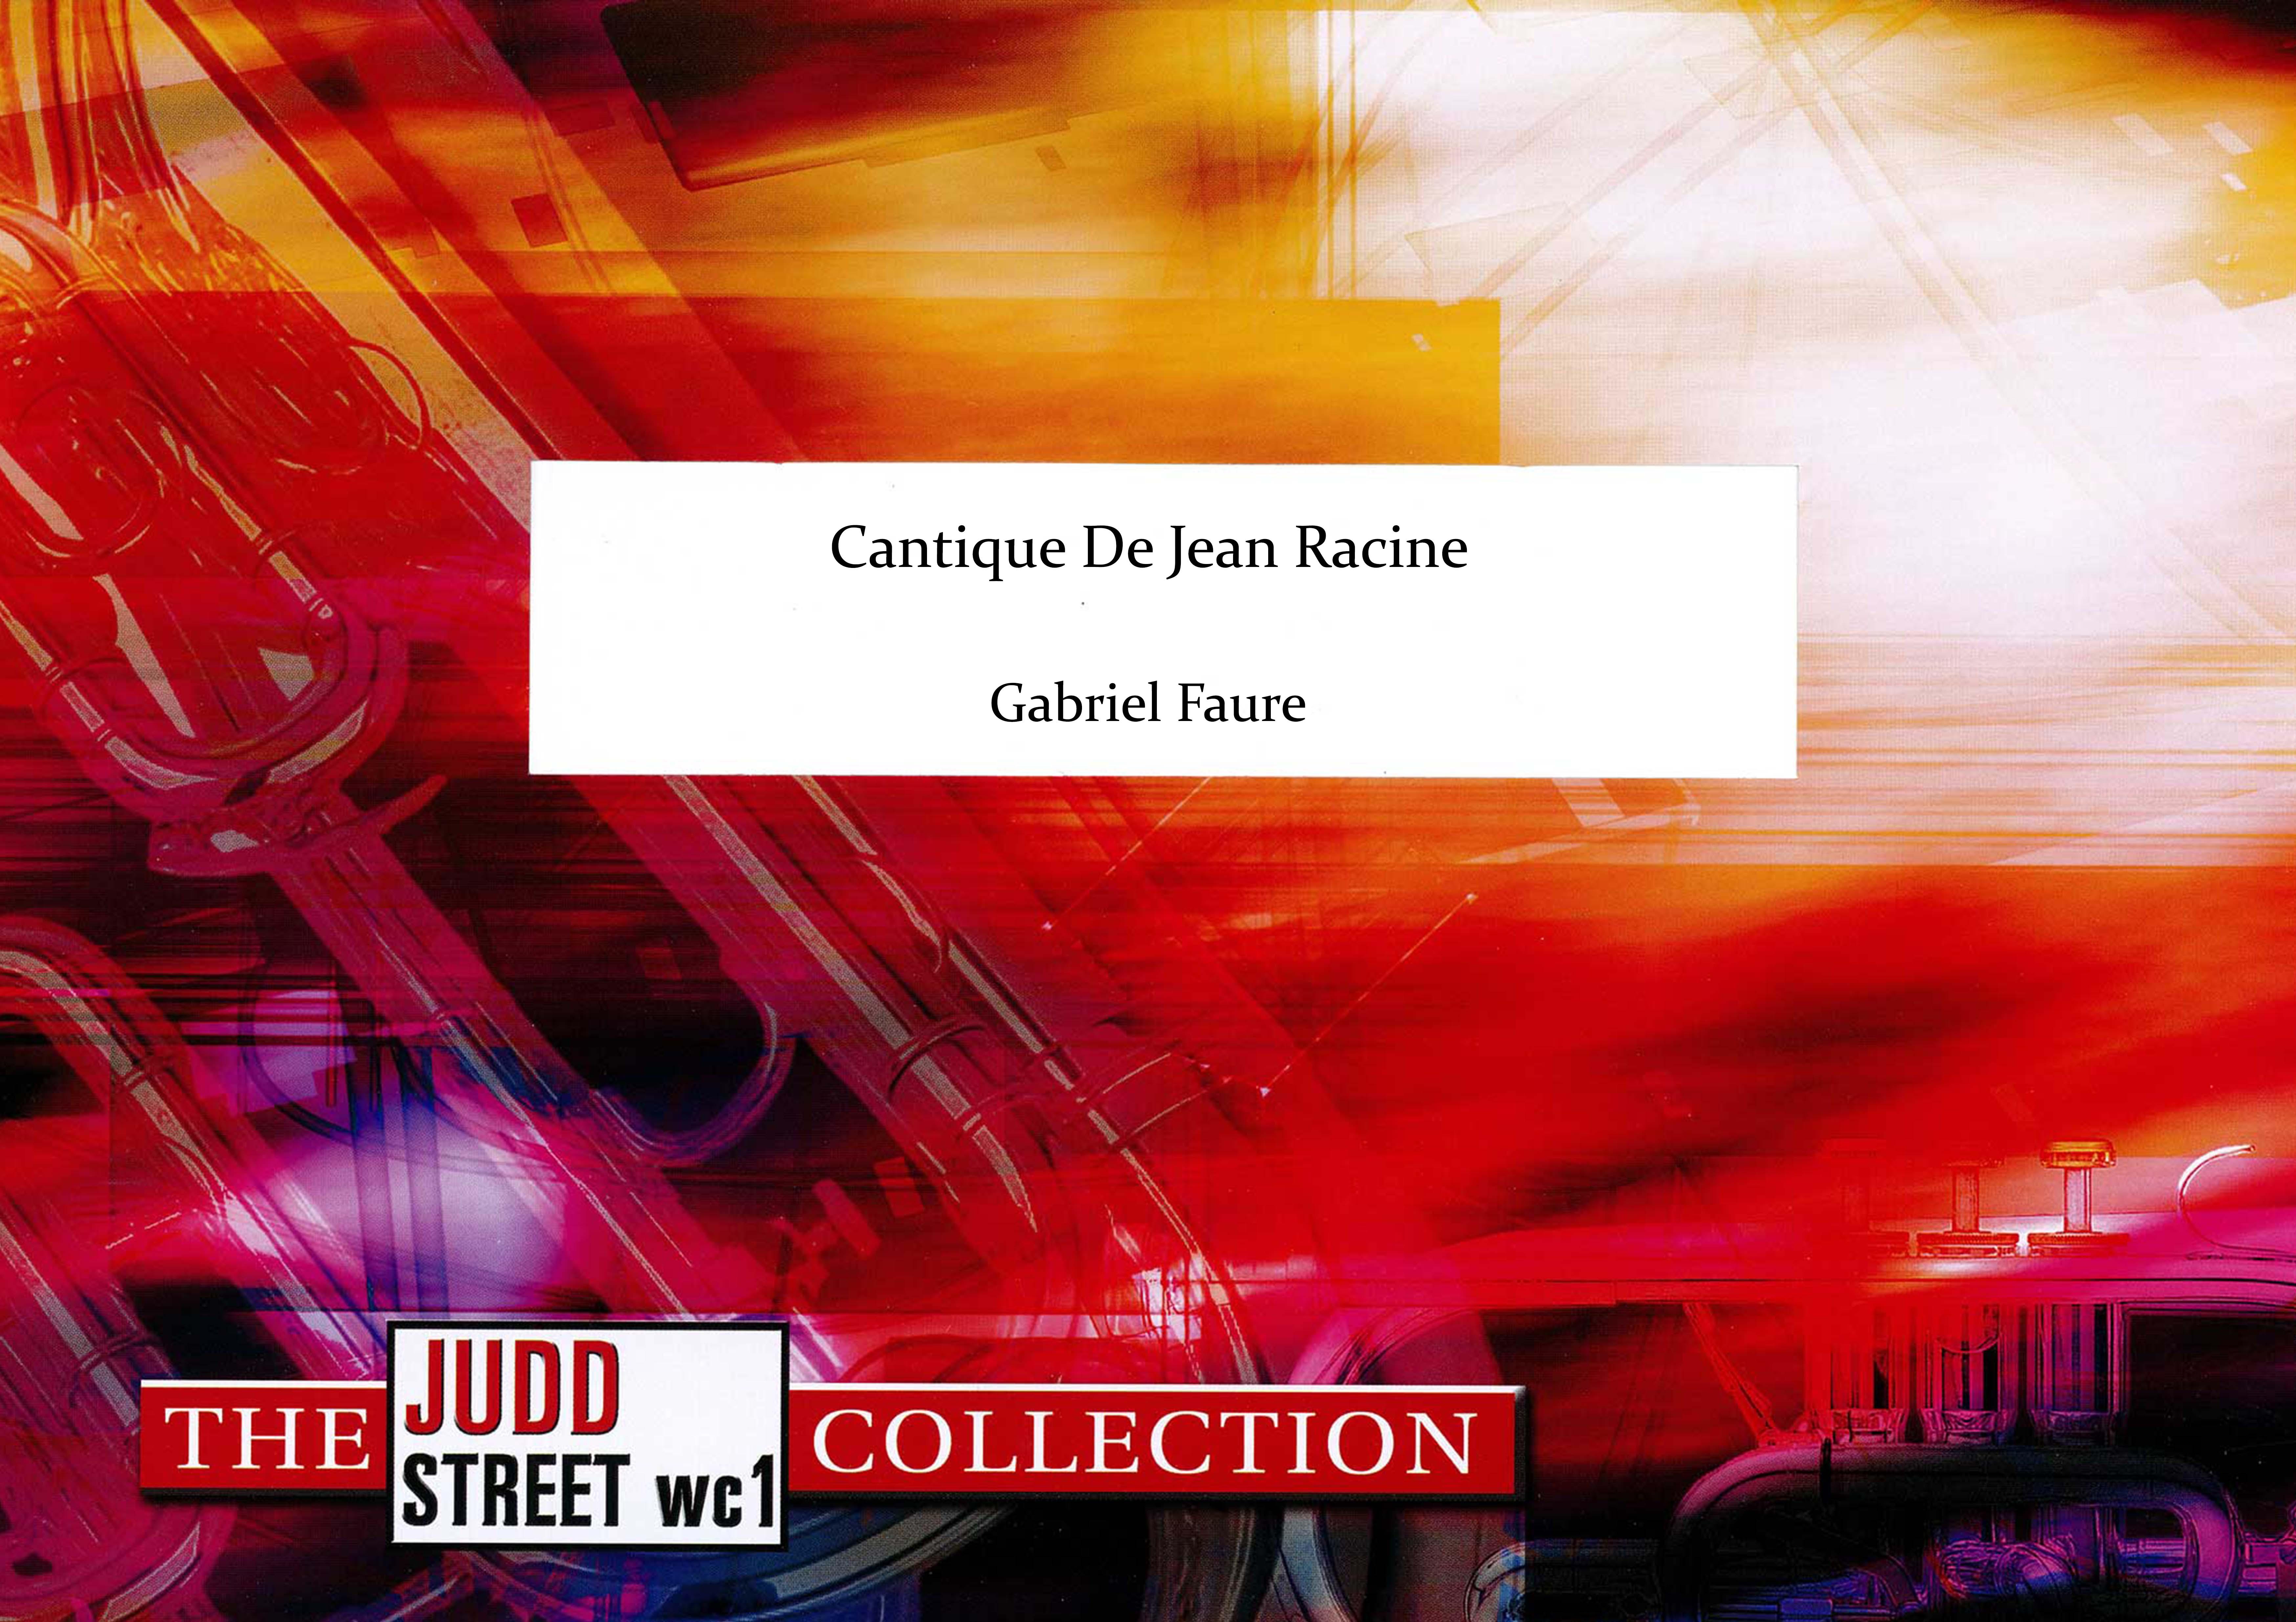 Cantique De Jean Racine (Brass Band - Score and Parts)